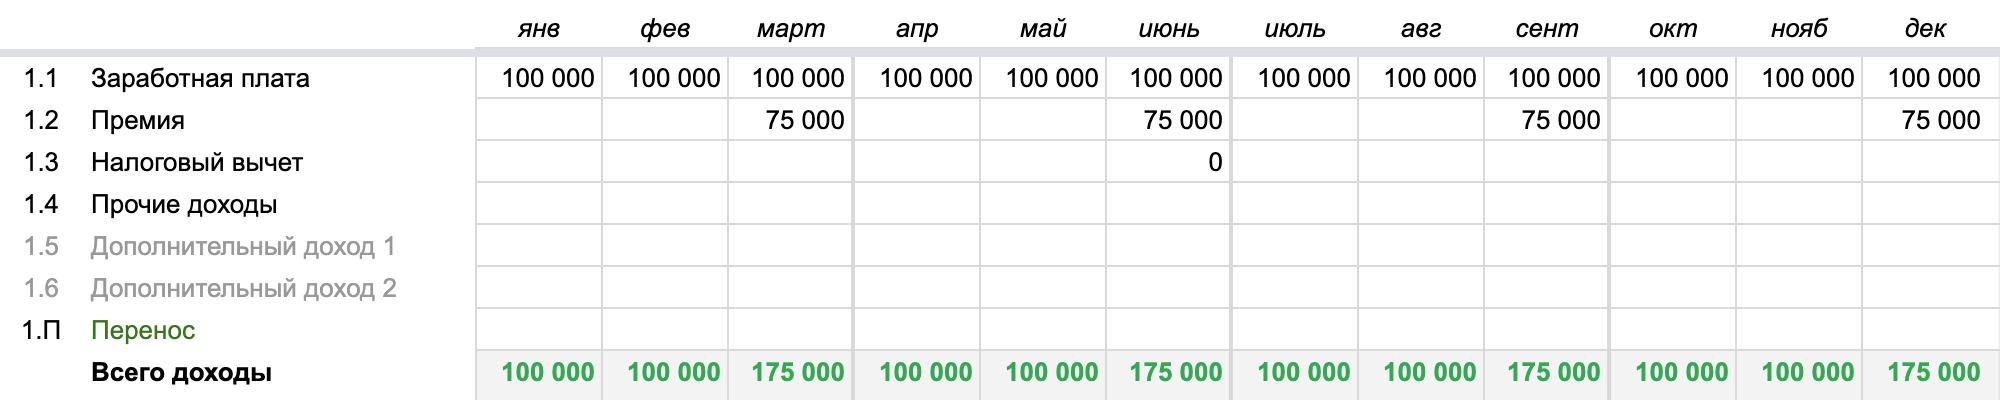 Премия — очень индивидуальная статья доходов. Ее припланировании надо указать непосредственно в итоговой таблице, в строке 1.2